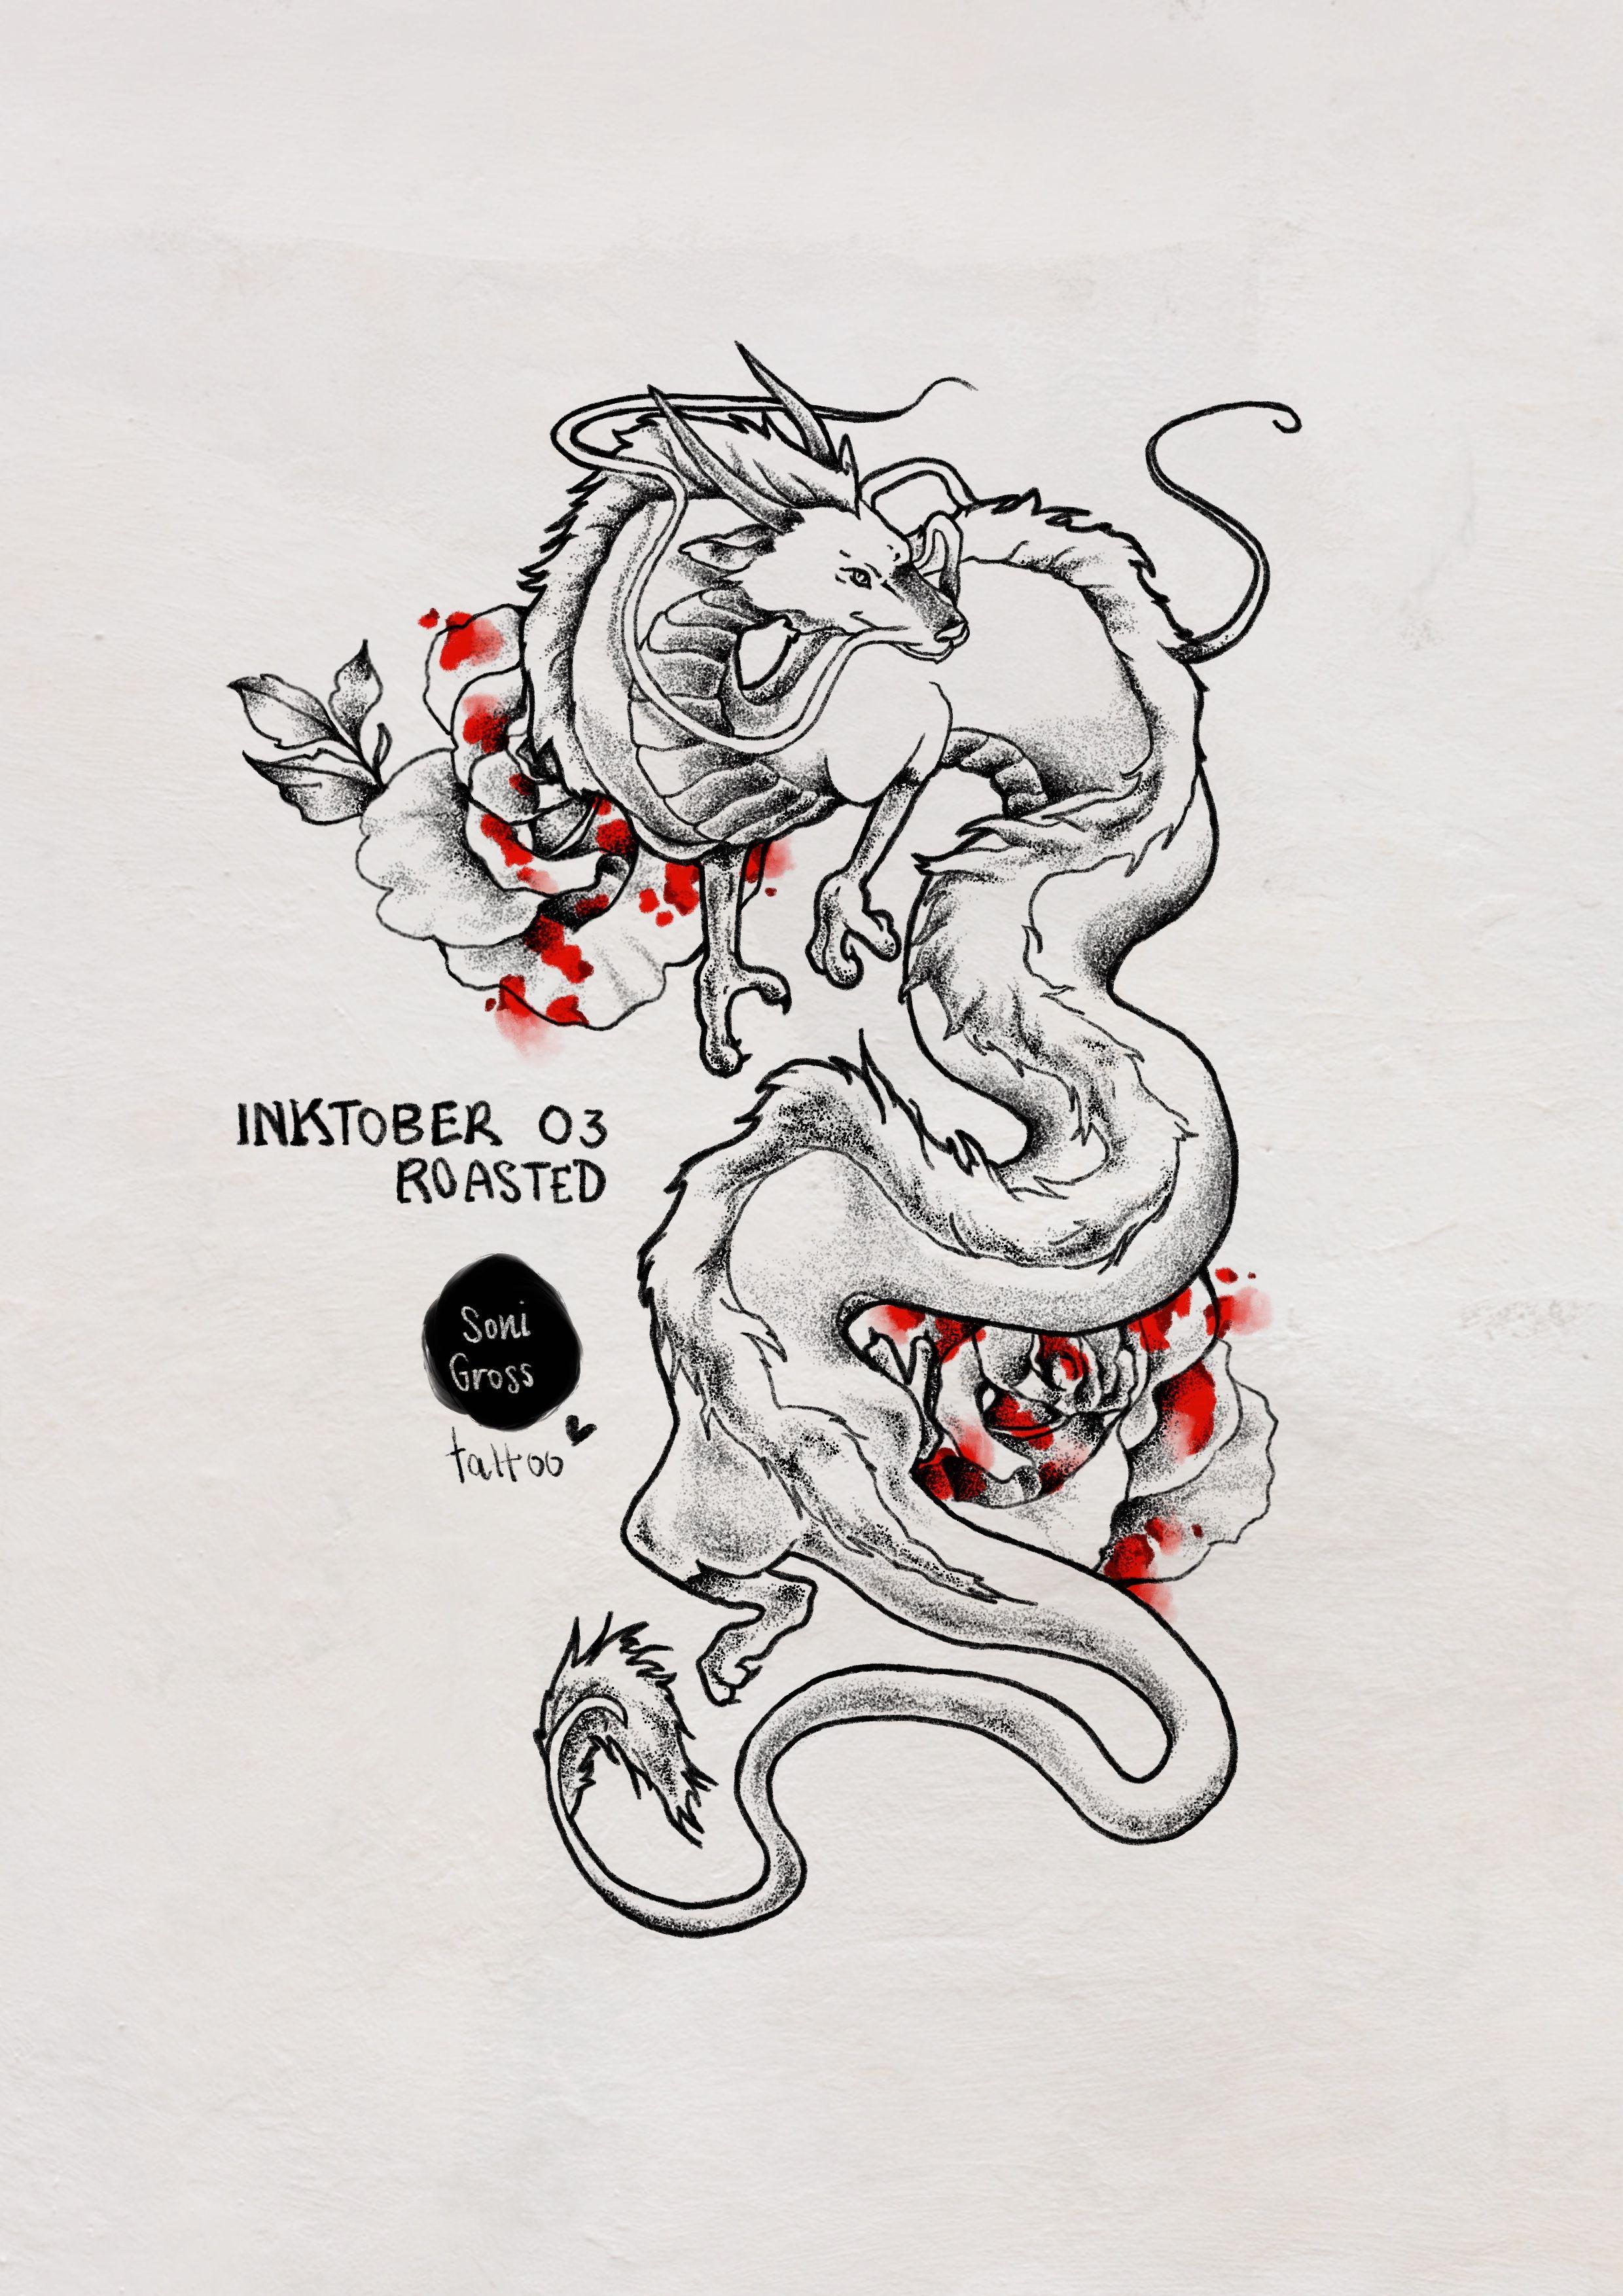 Chihiro Tattoo Proposal For Inktober 2018 By Sonigross Tattoo Haku Tattoo Ghibli Tattoo Spirited Away Ghibli Tattoo Dragon Tattoo Designs Spirited Away Tattoo